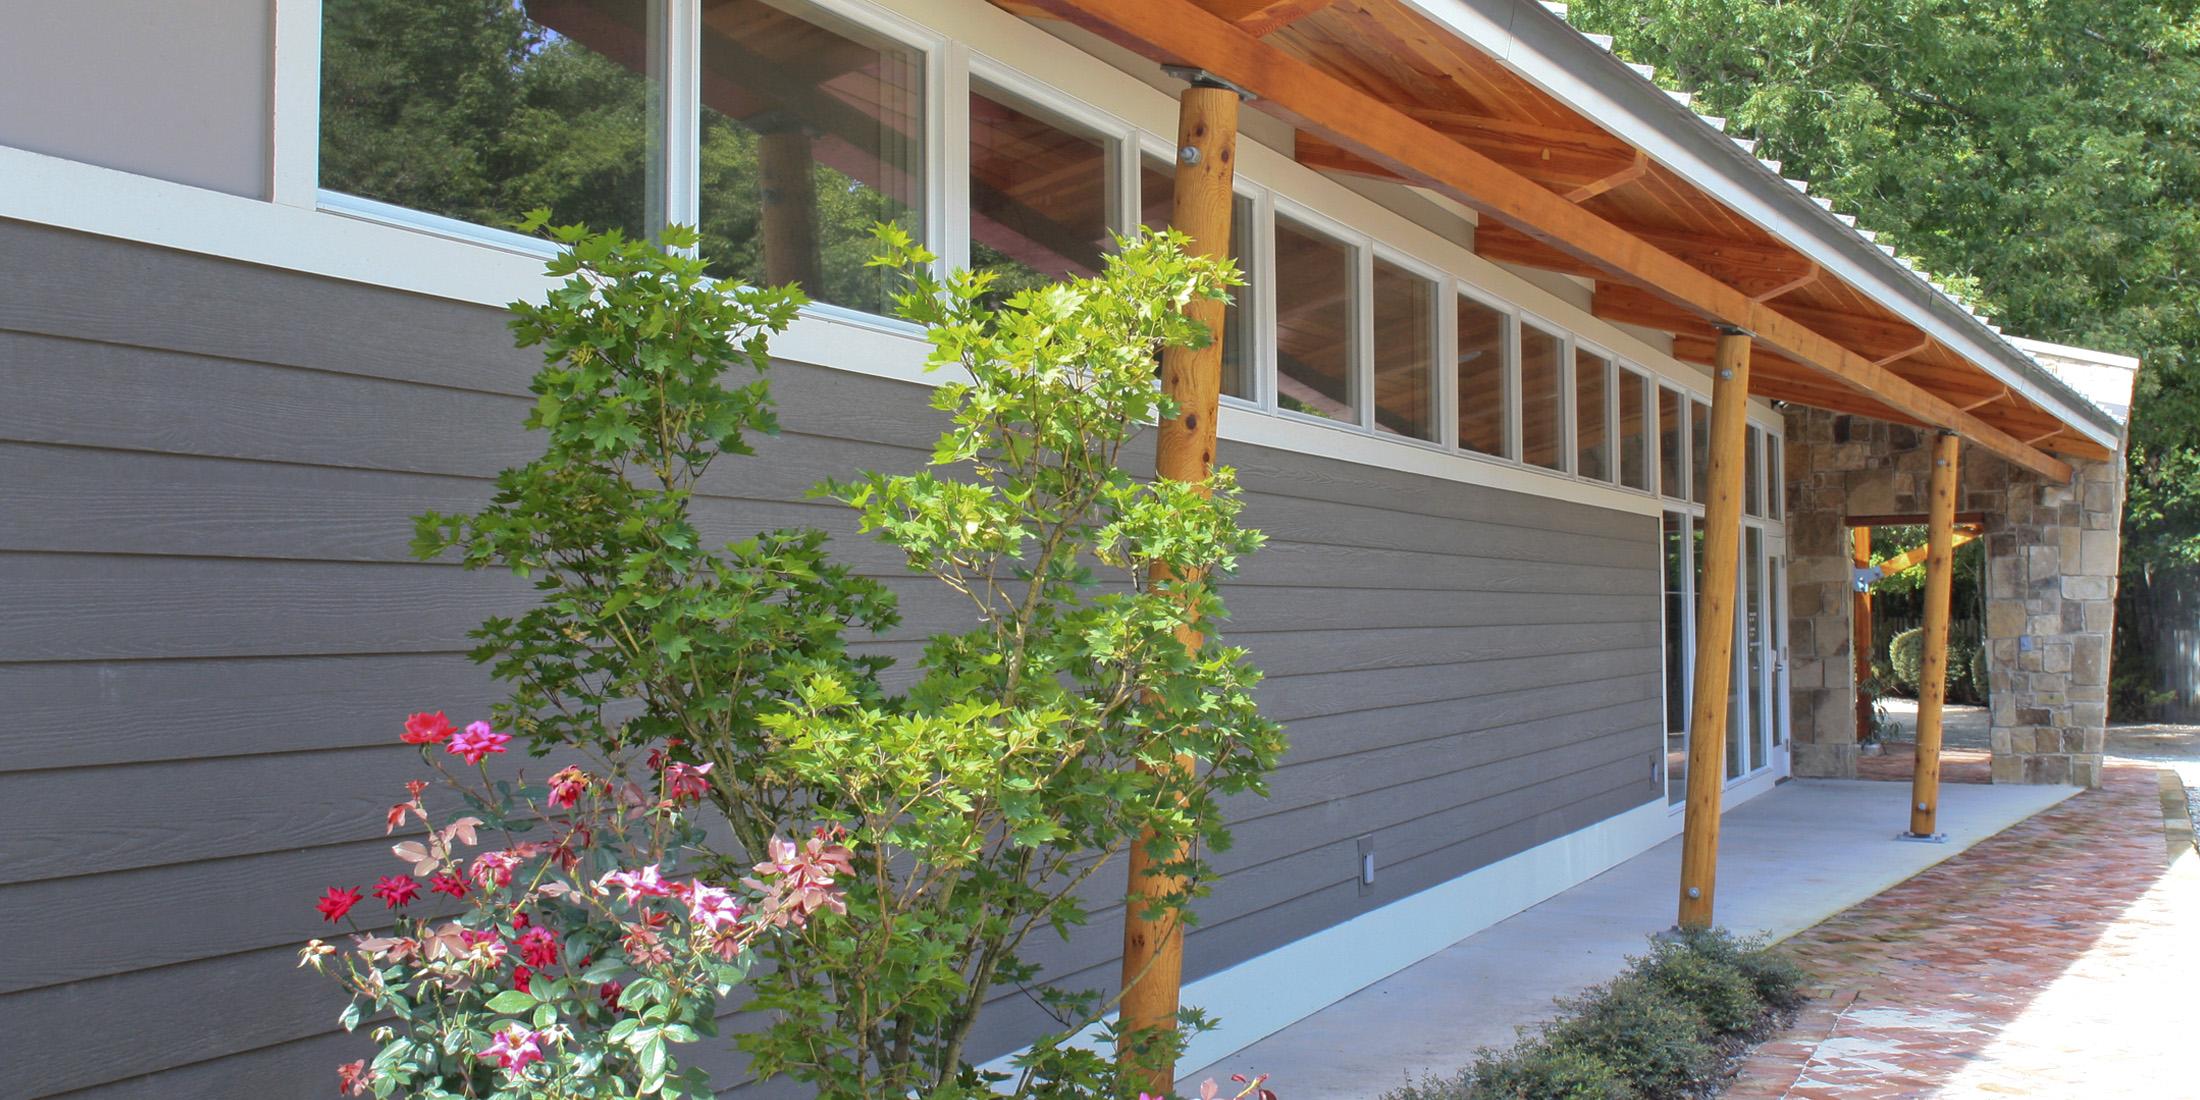 USC One Wood Farms photos 02